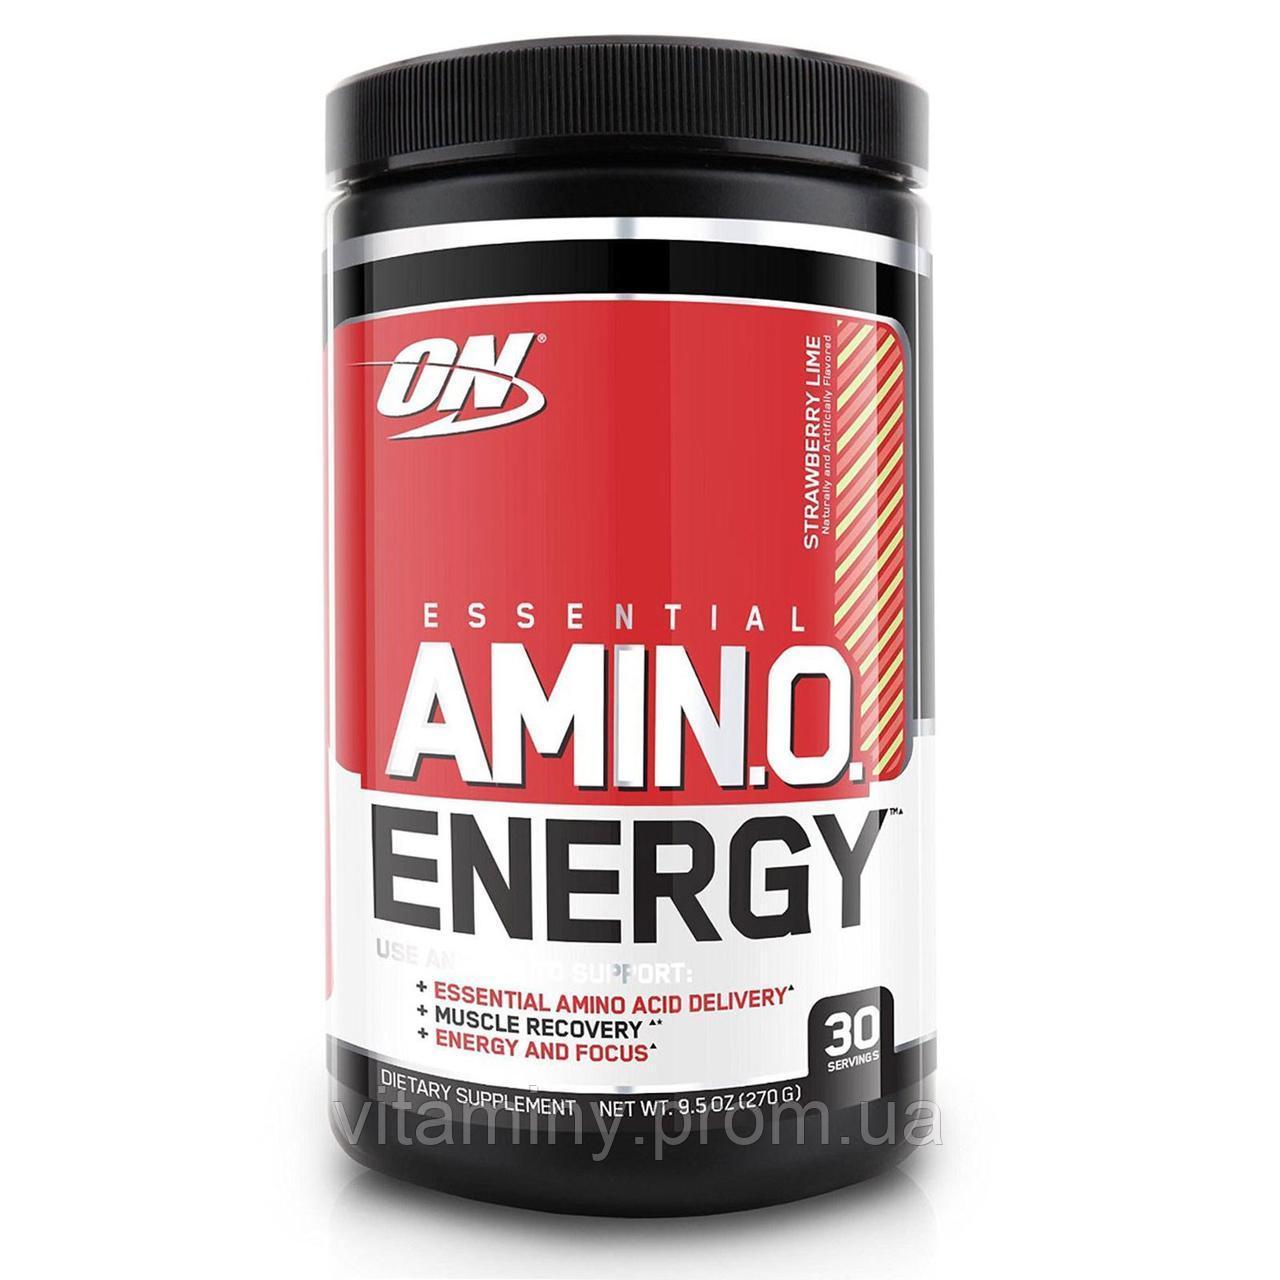 Amino energy от optimum nutrition: инструкция и способ применения